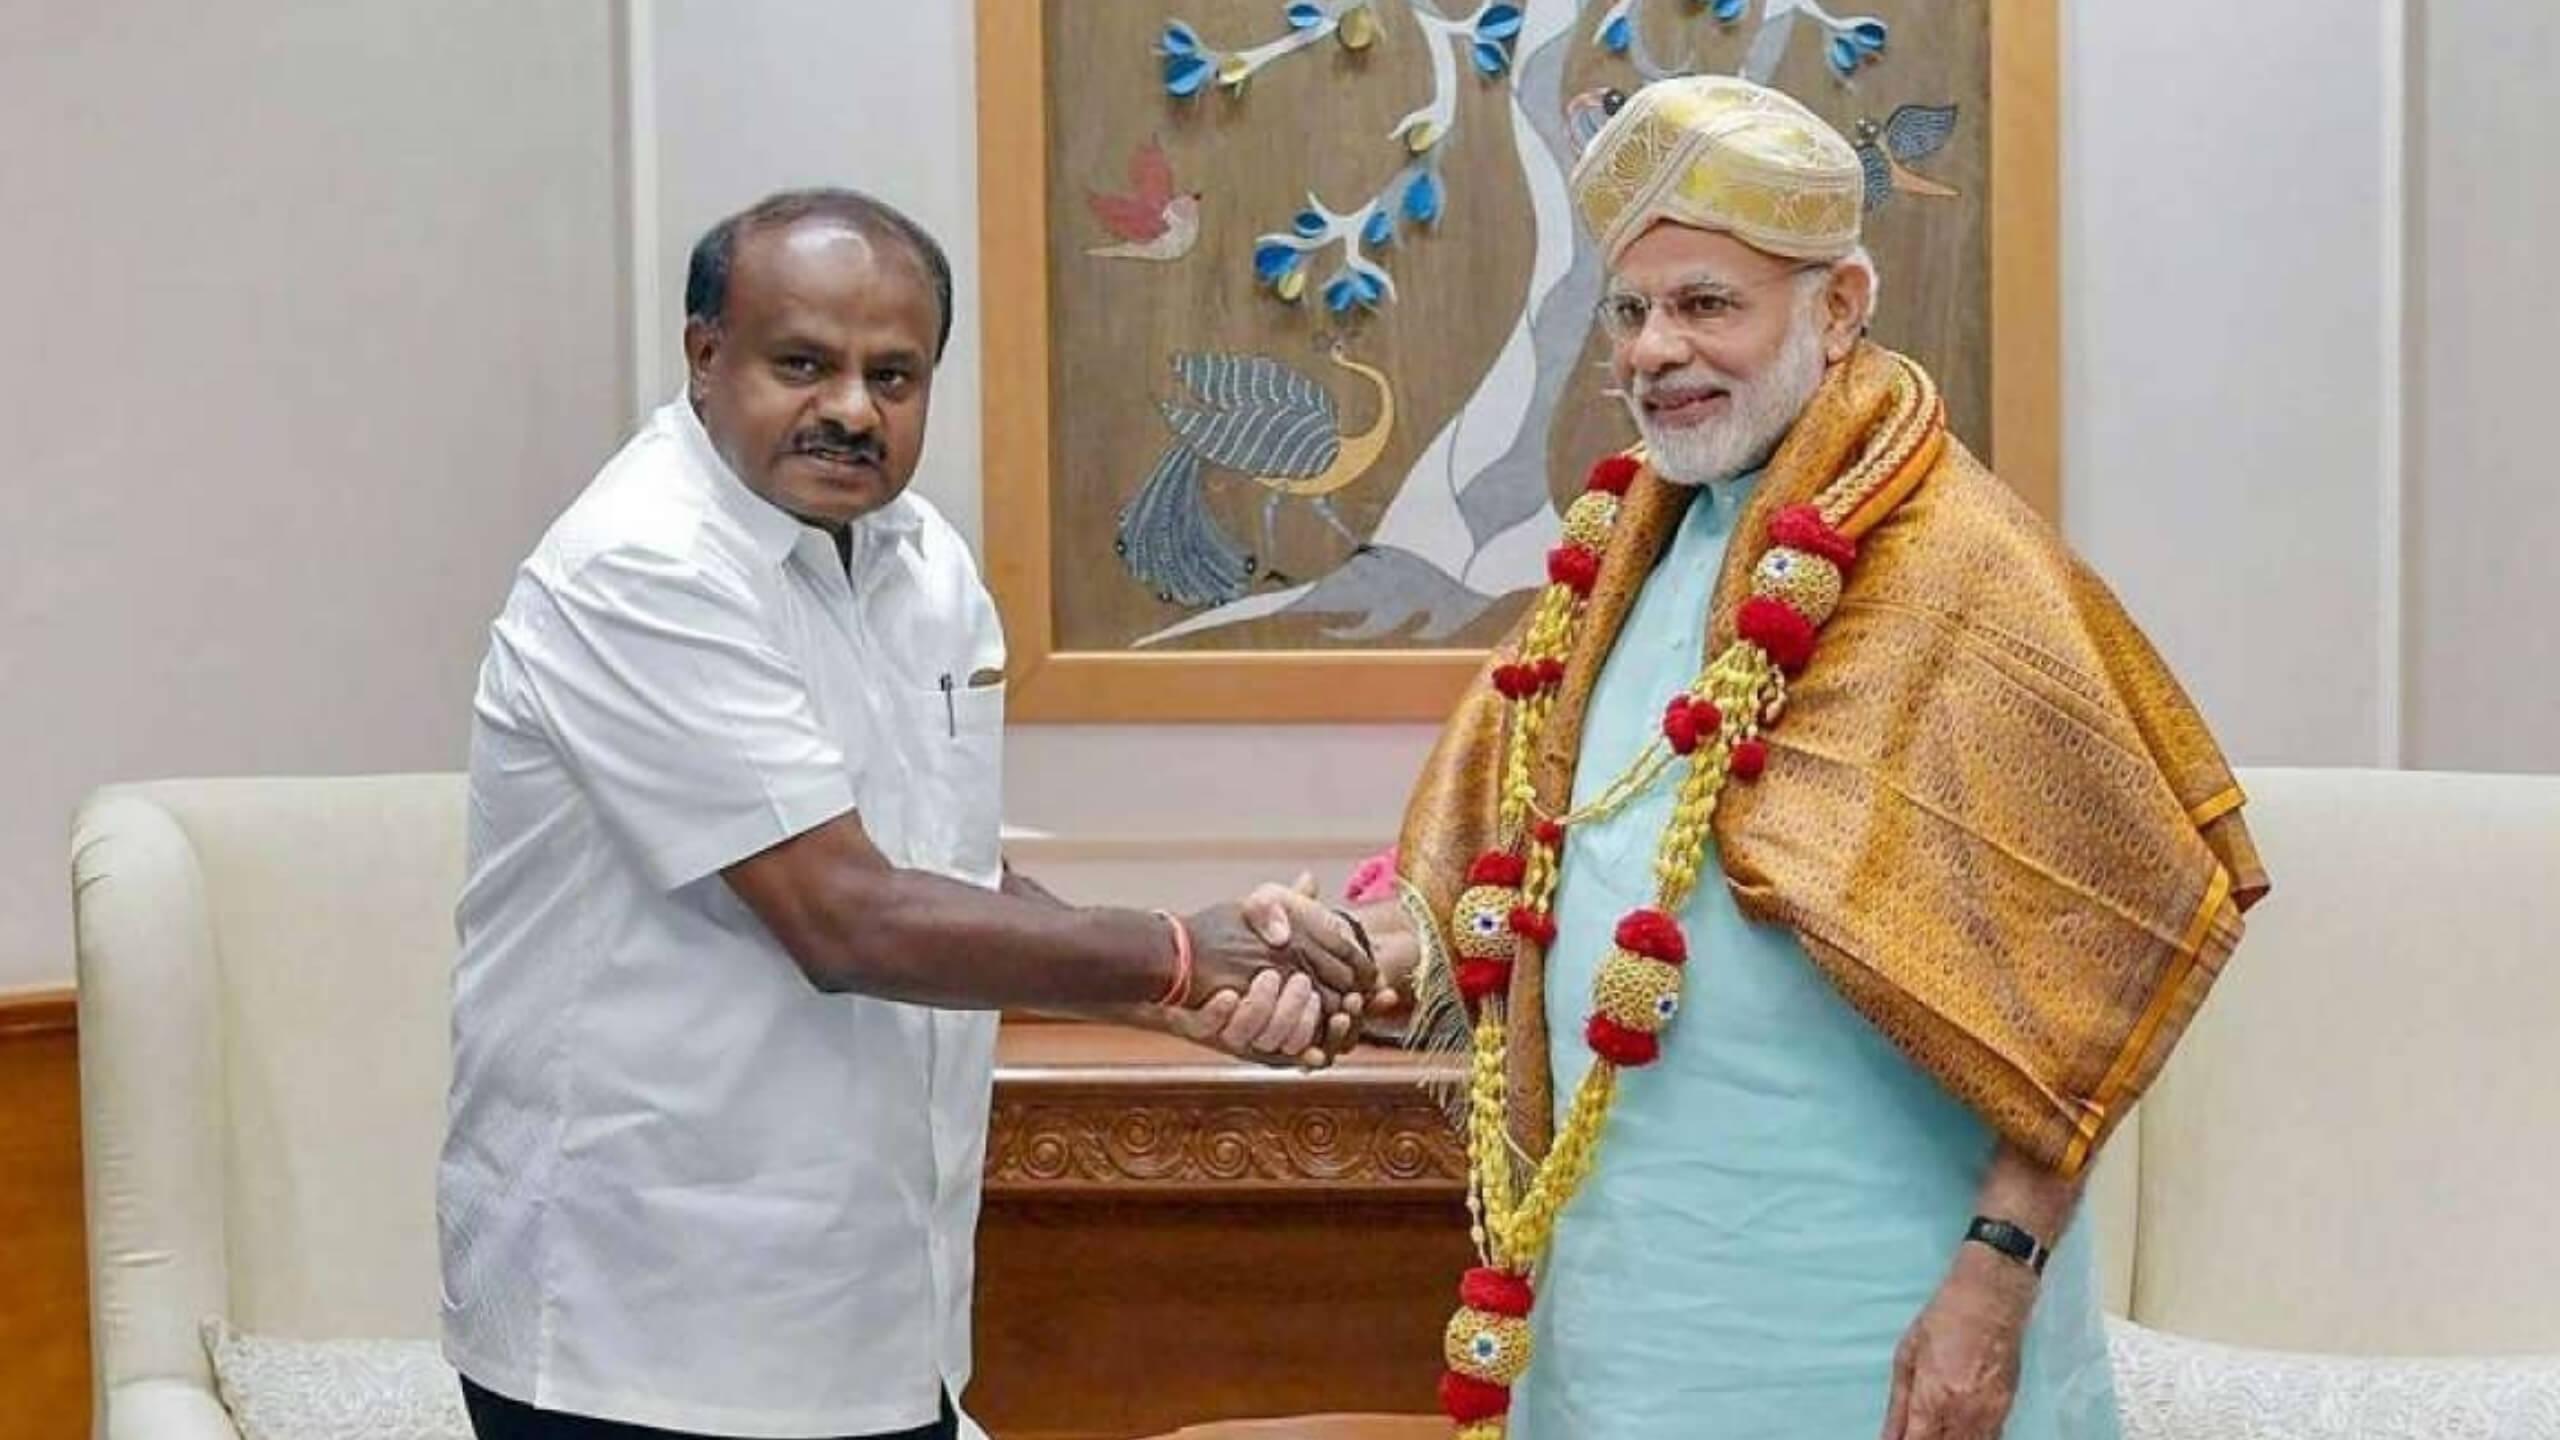 Modi's Fitness Challenge to Karnataka CM